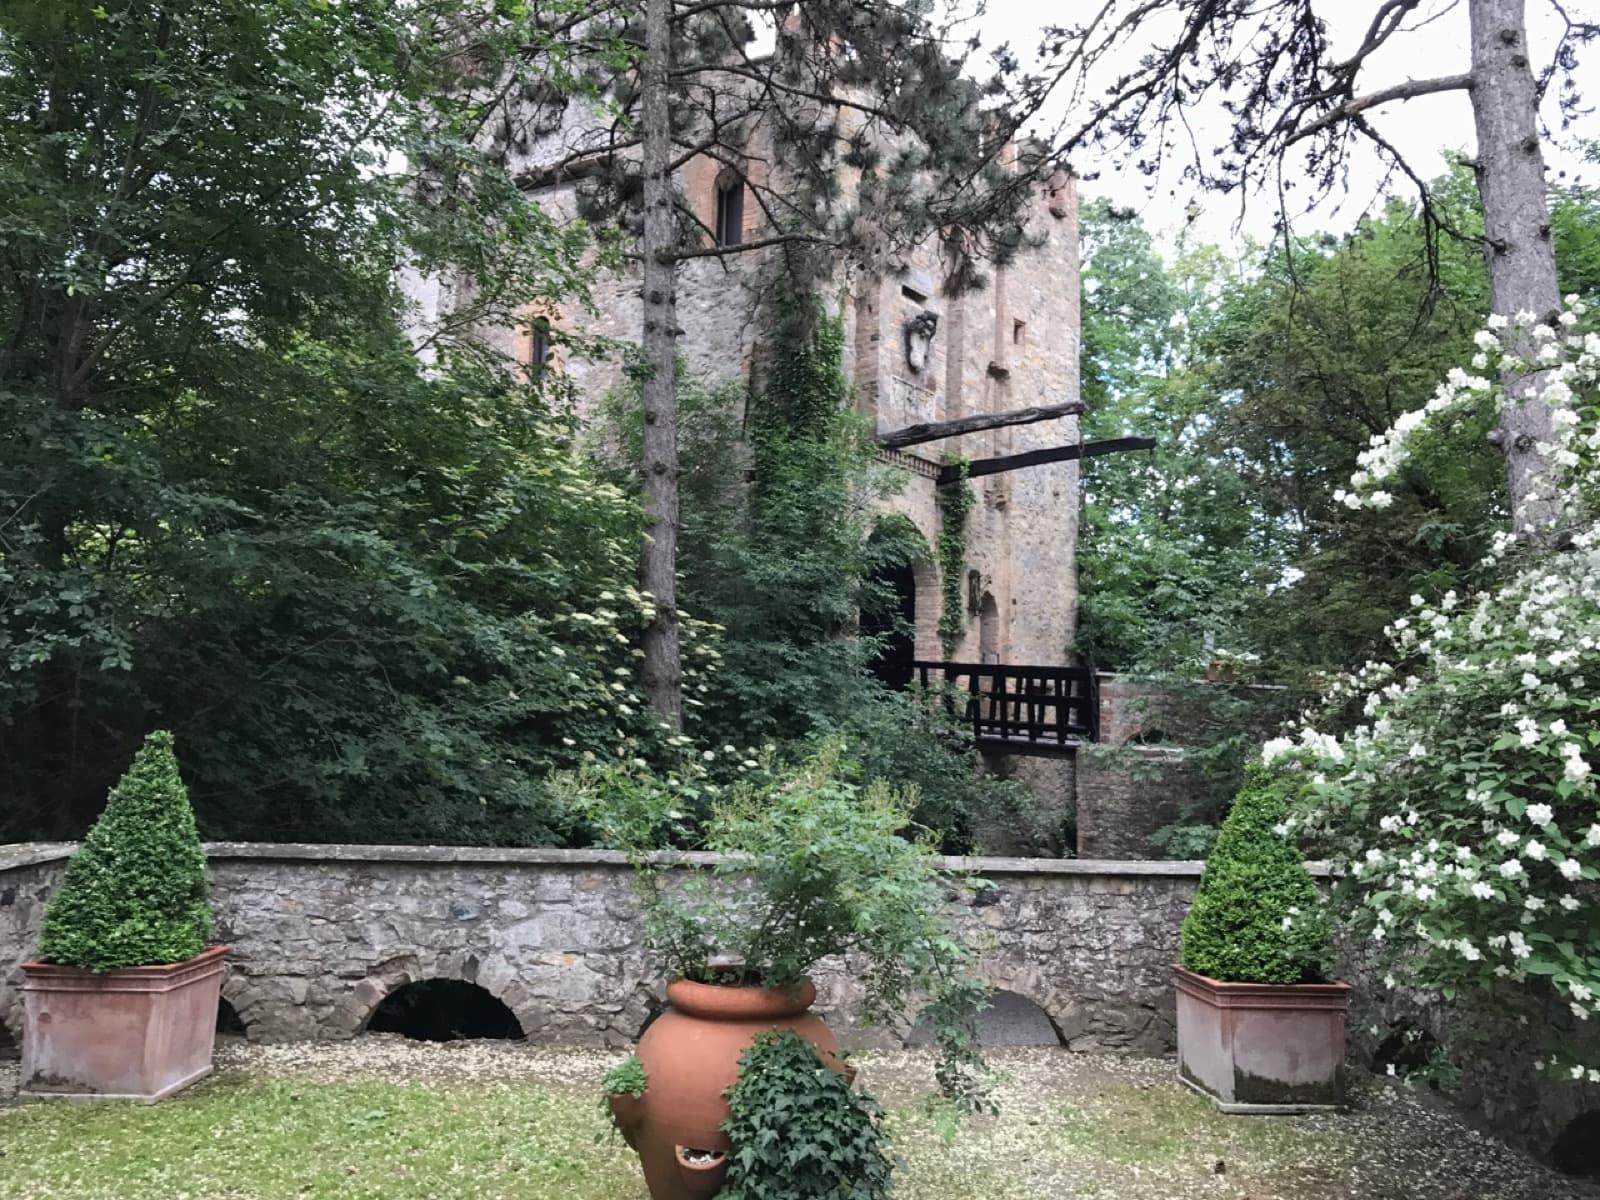 Castello di Gropparello - Castelli del Ducato